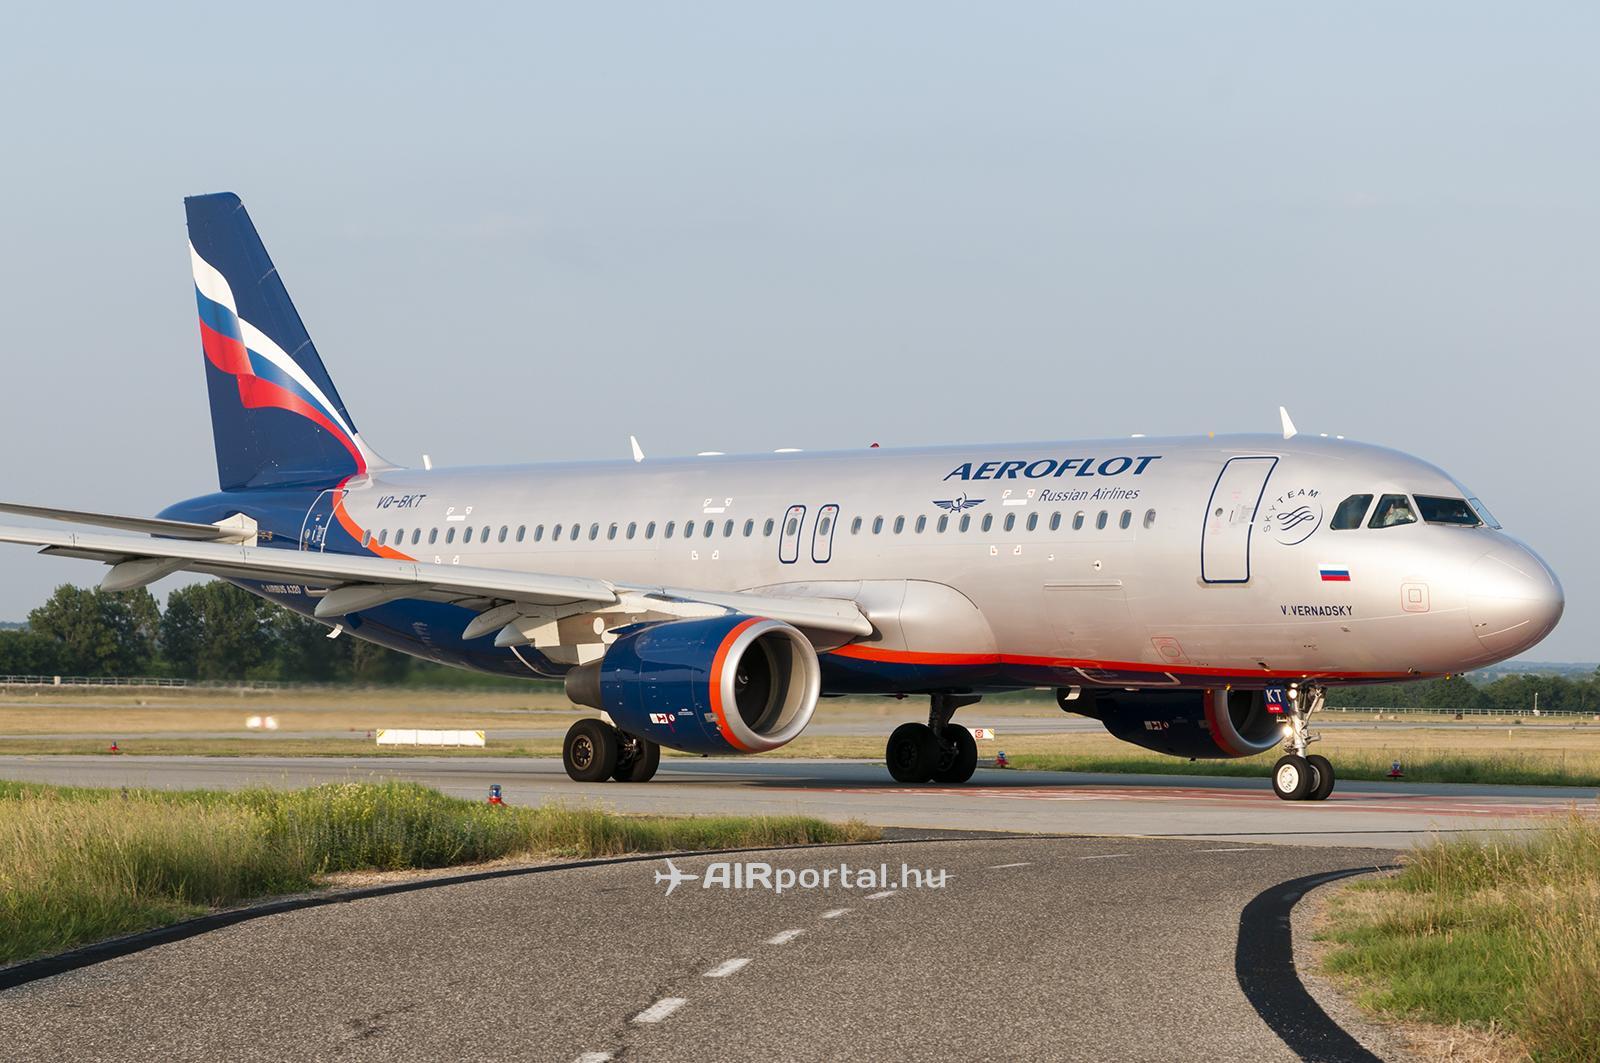 Az Aeroflot Airbus A320 típusú repülőgépe. (Fotó: Bodorics Tamás - AIRportal.hu) | © AIRportal.hu